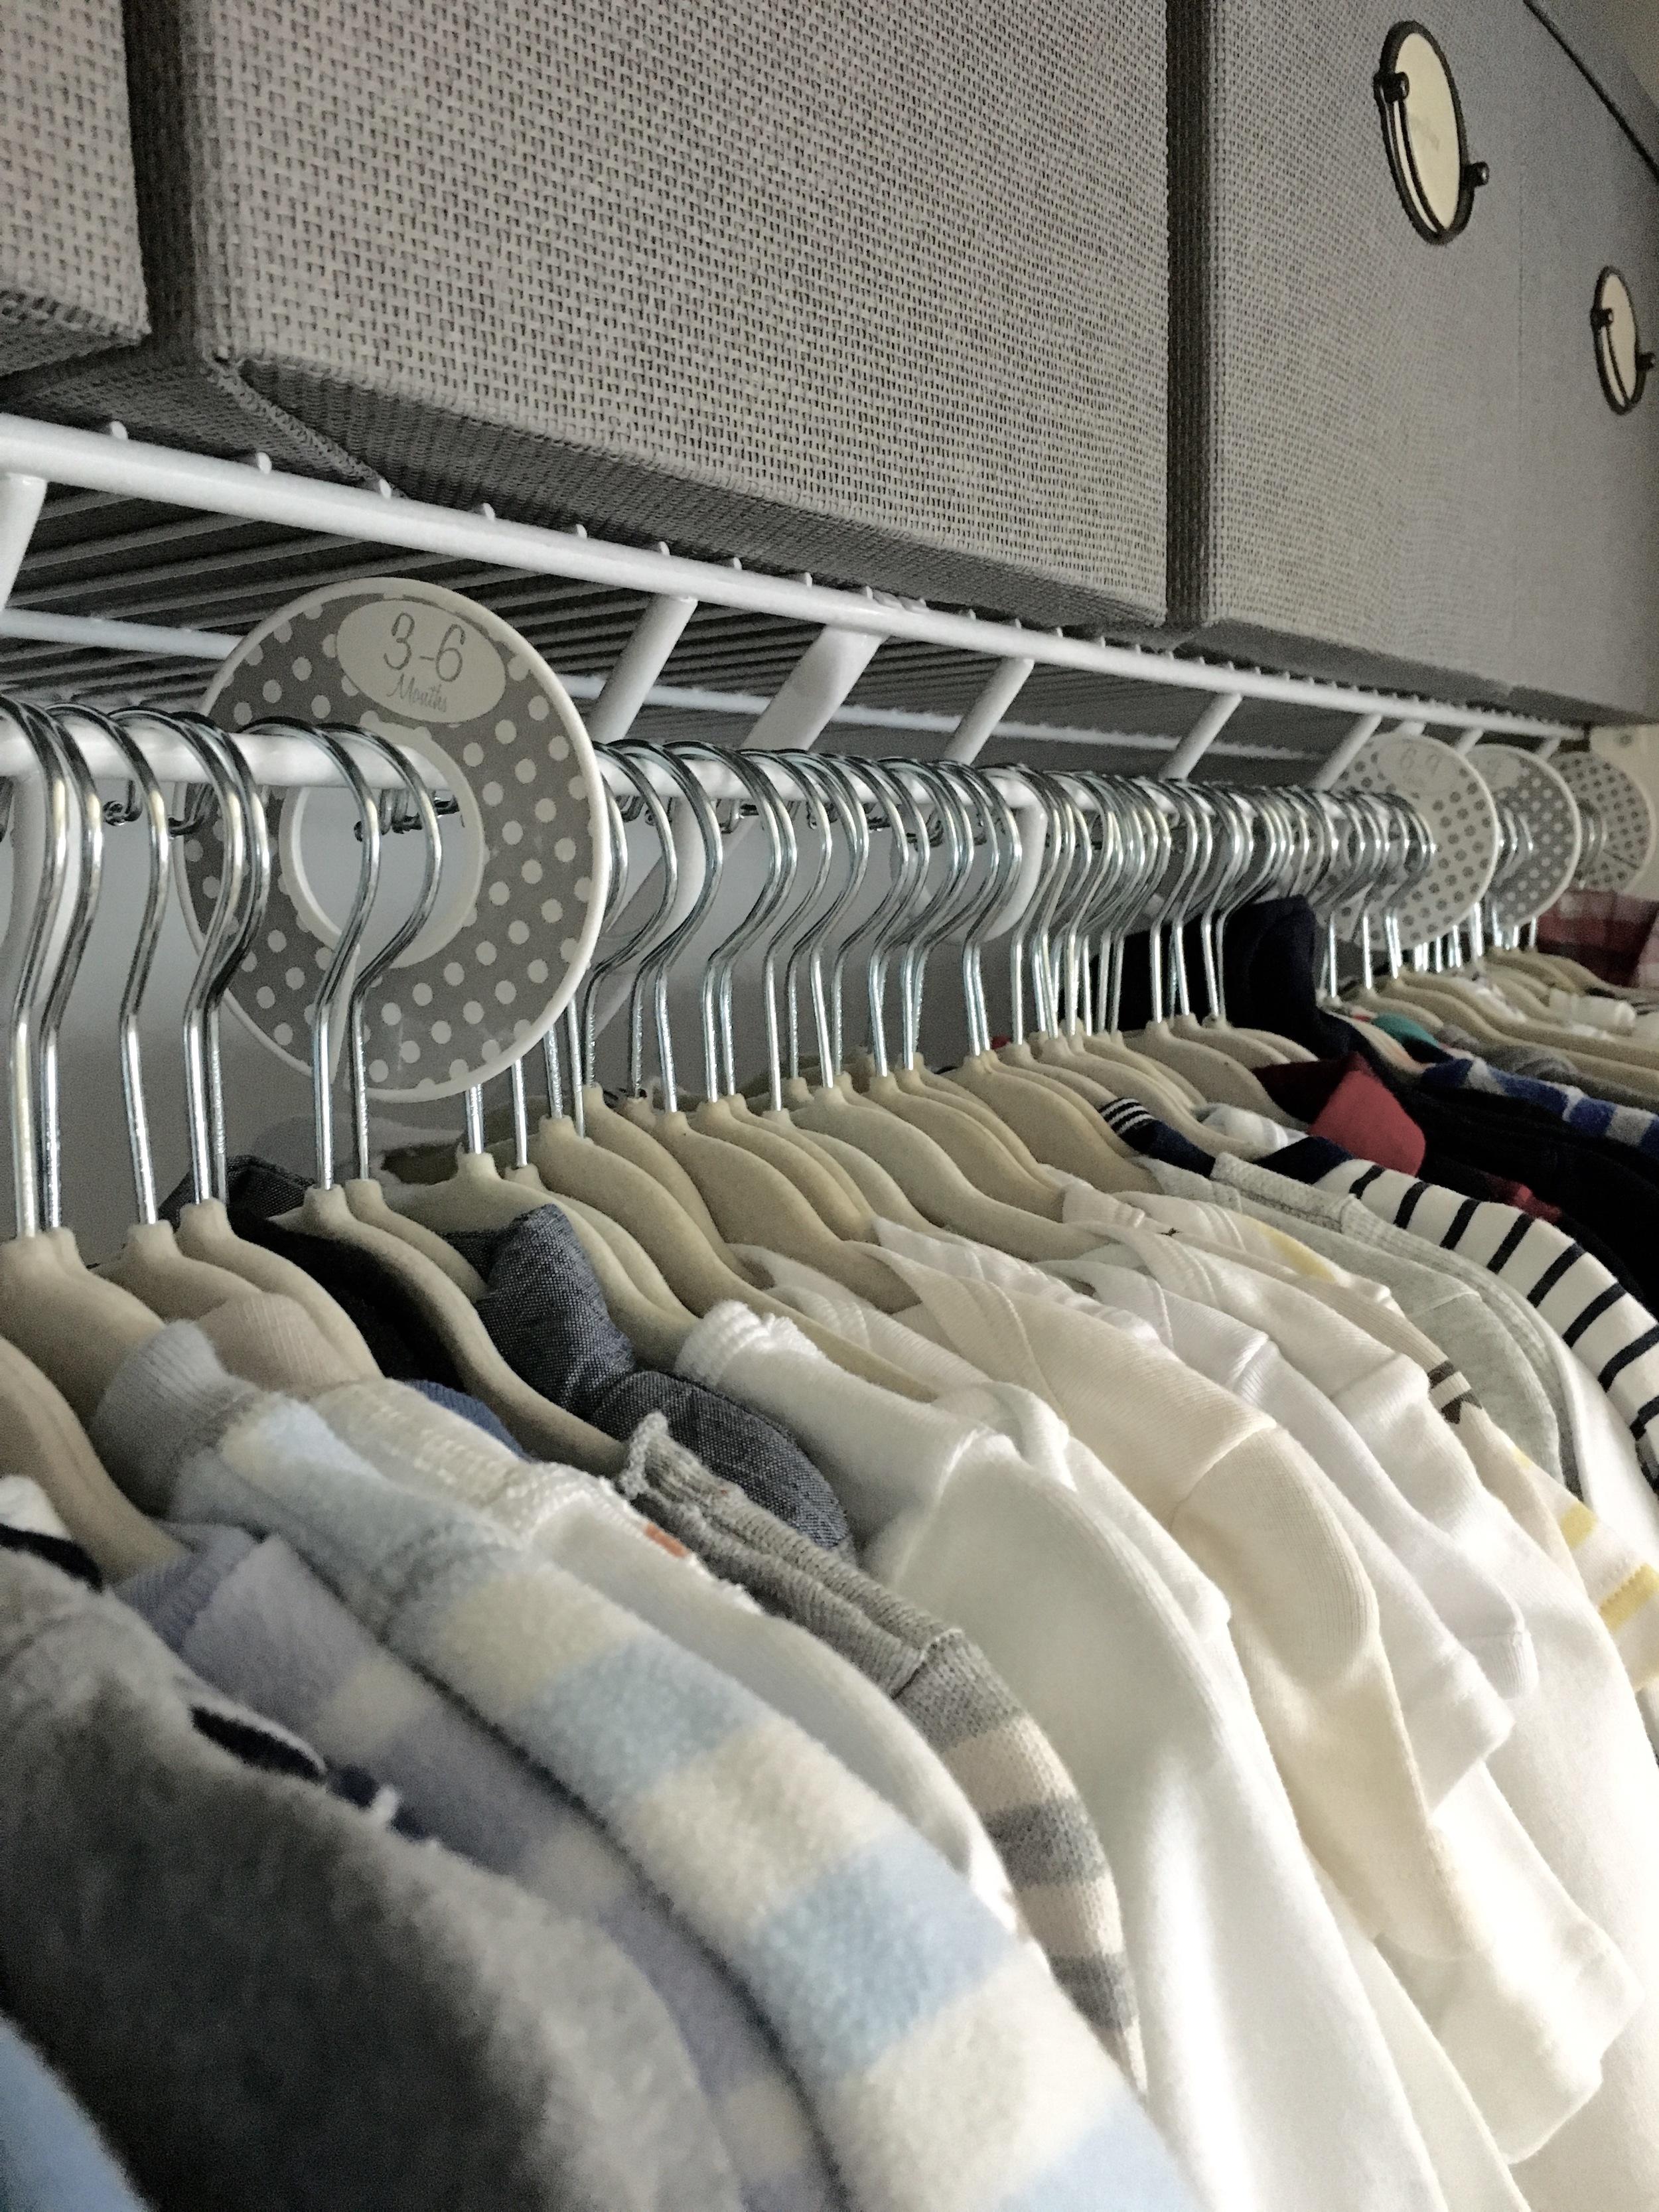 Hangers:  Amazon ; Closet dividers:  Amazon